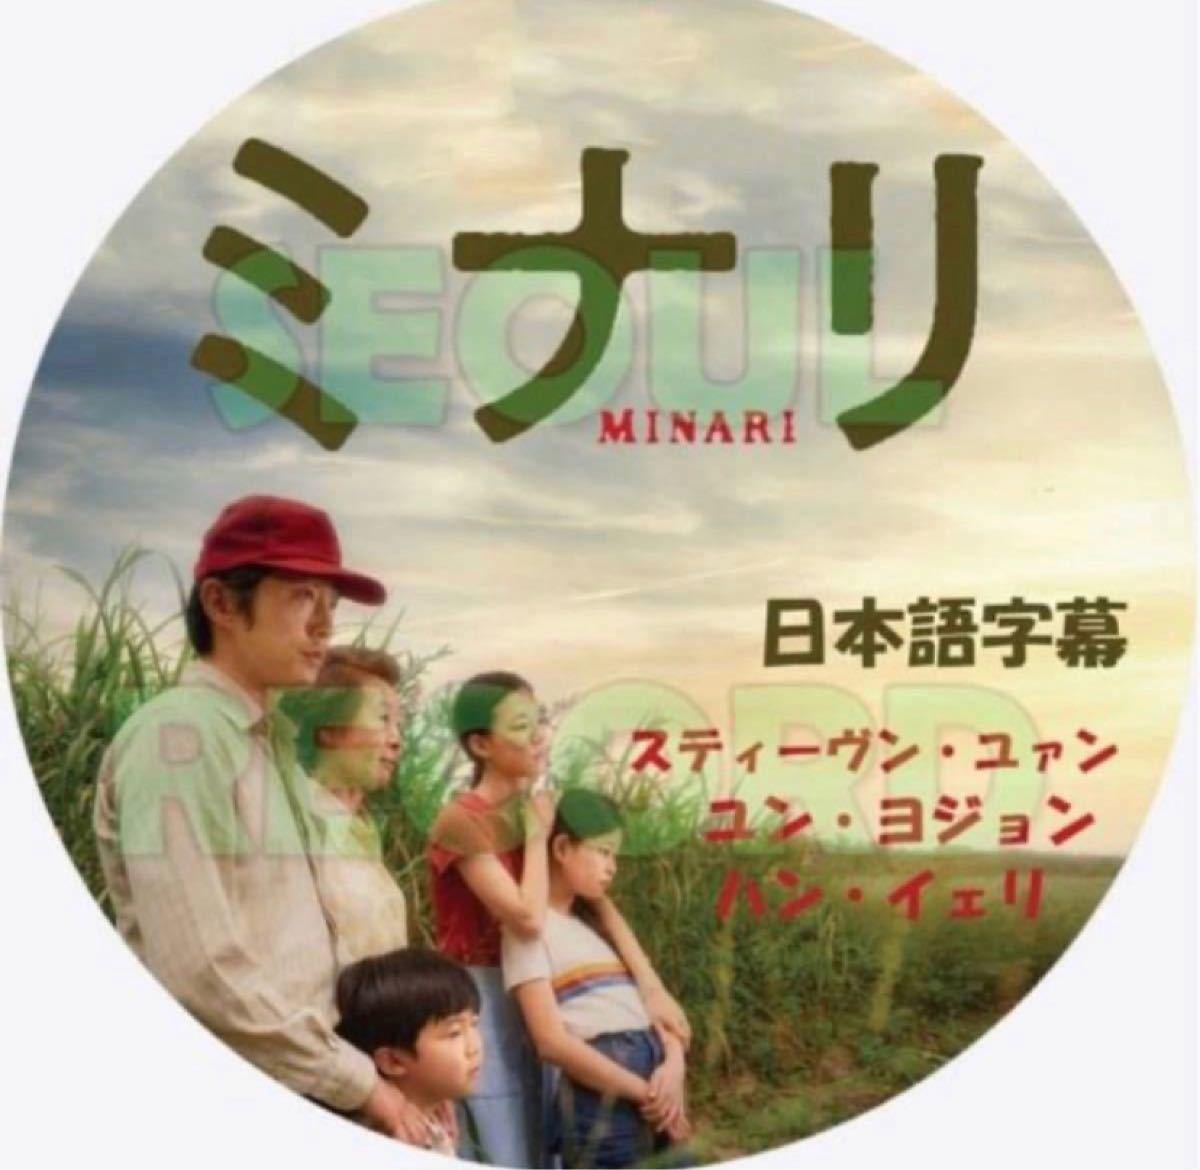 韓国映画 ミナリ 日本語字幕 DVDレーベル印刷付